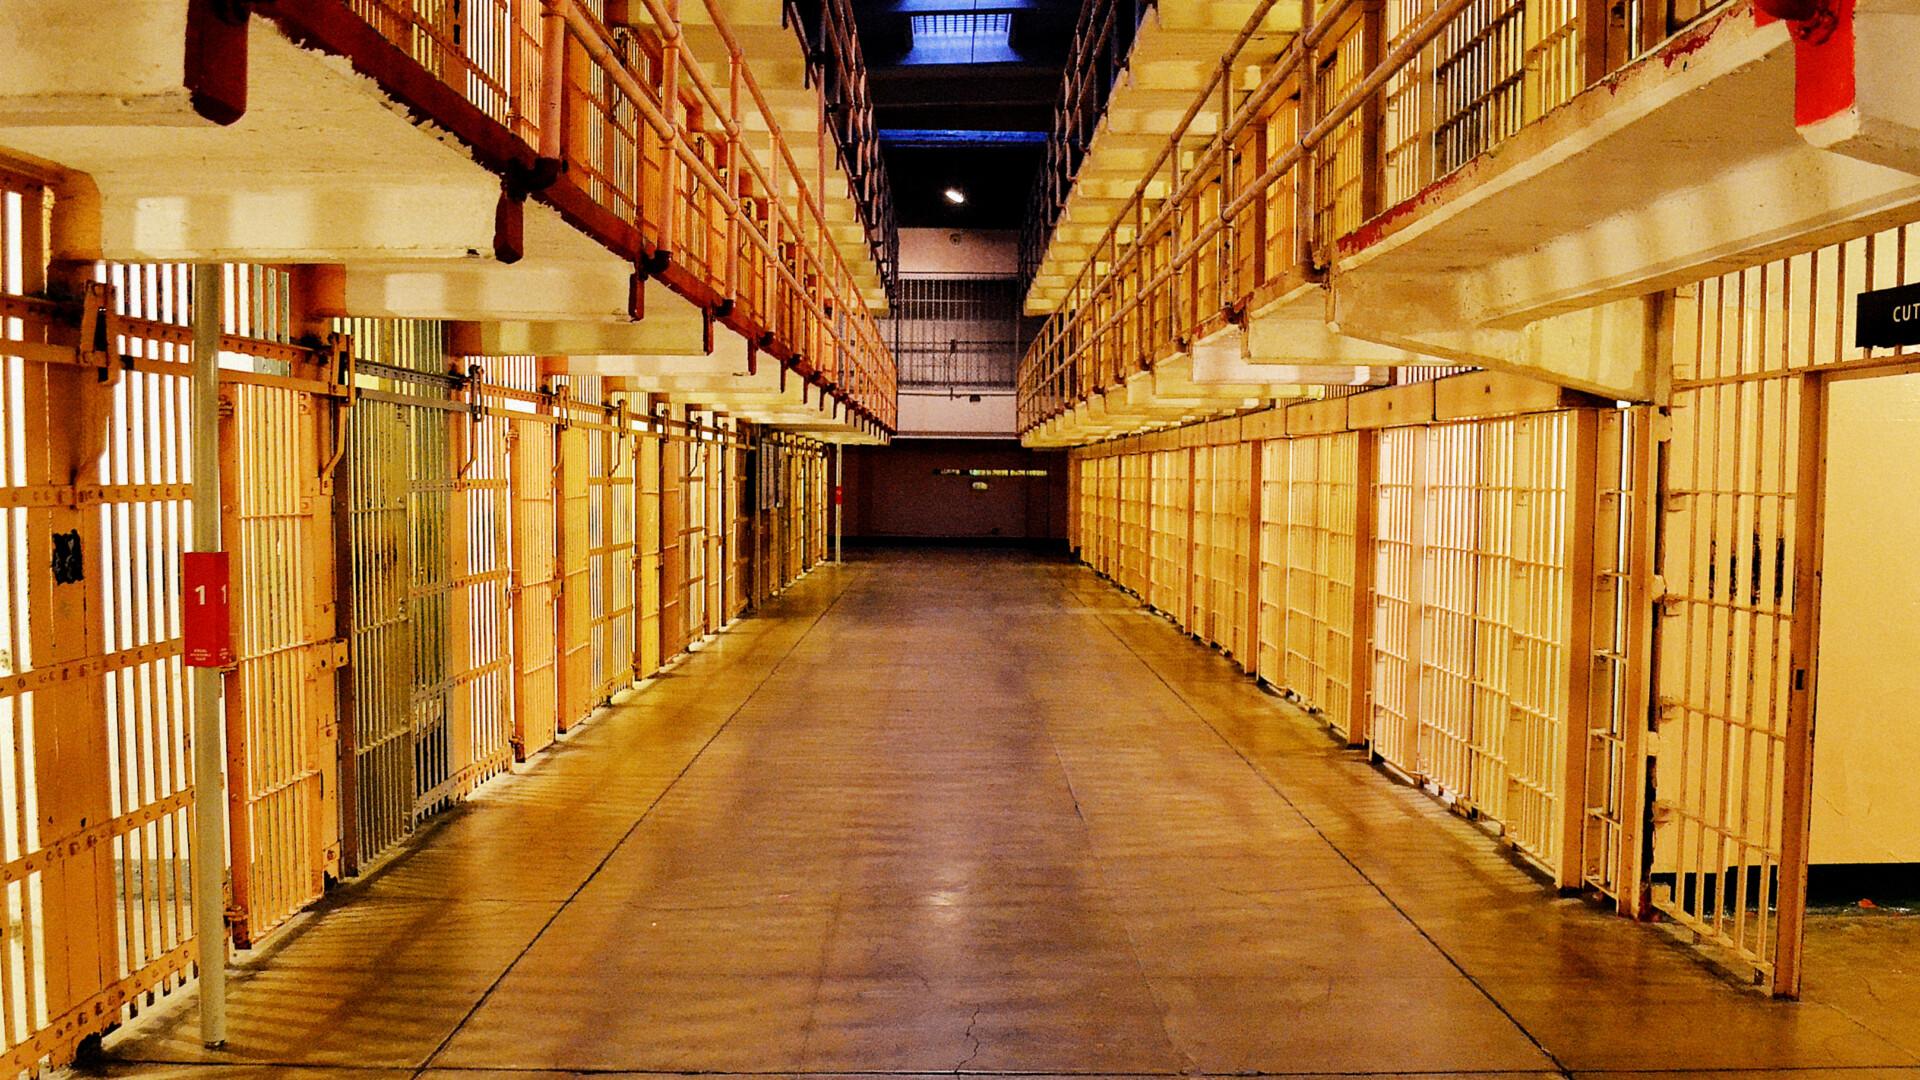 Приложения для смартфонов решают проблему жестокого обращения с заключенными